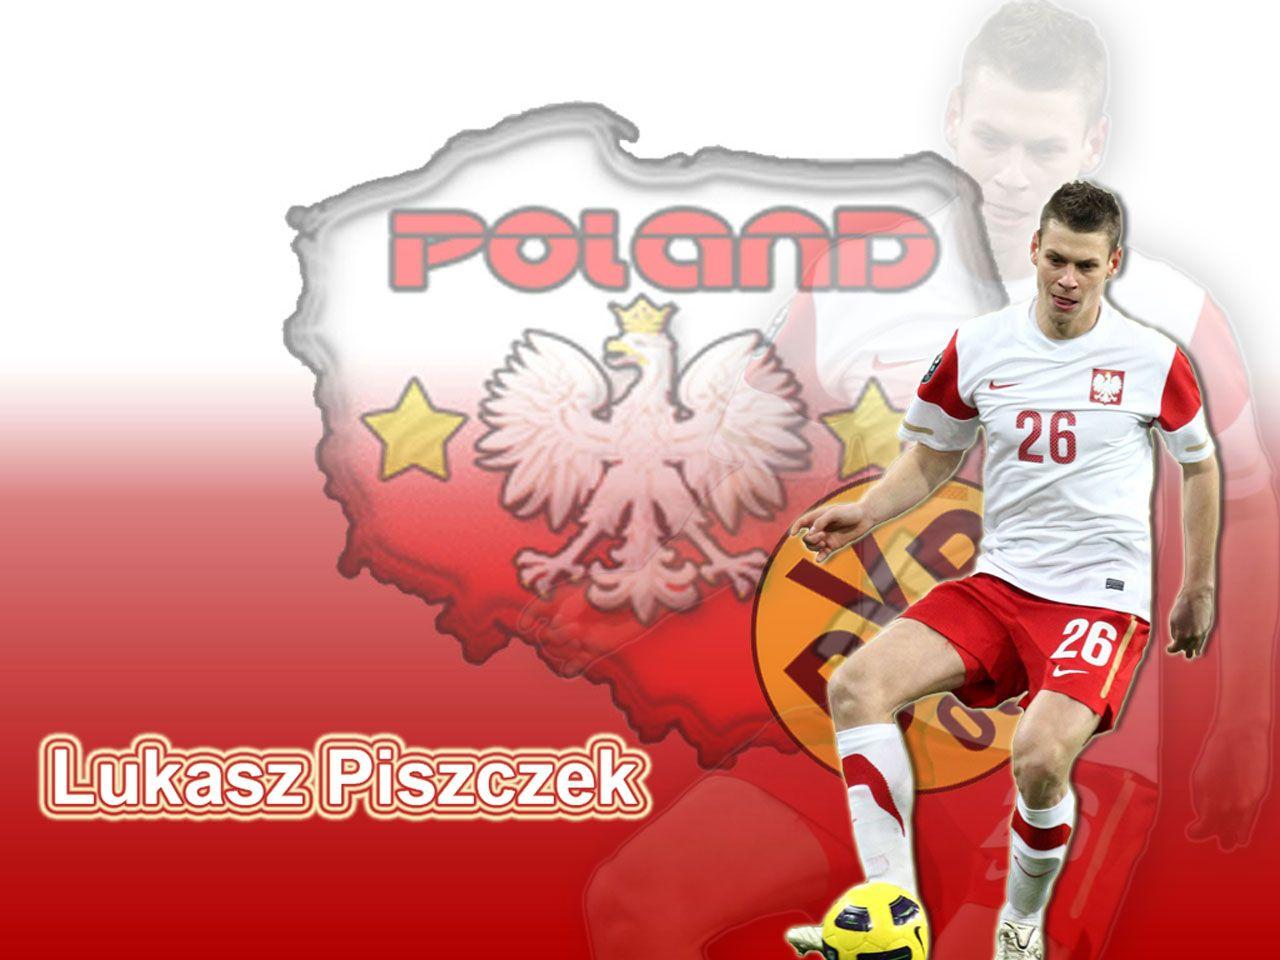 Lukasz Piszczek (Polnischer Nationalspieler)   Dortmund